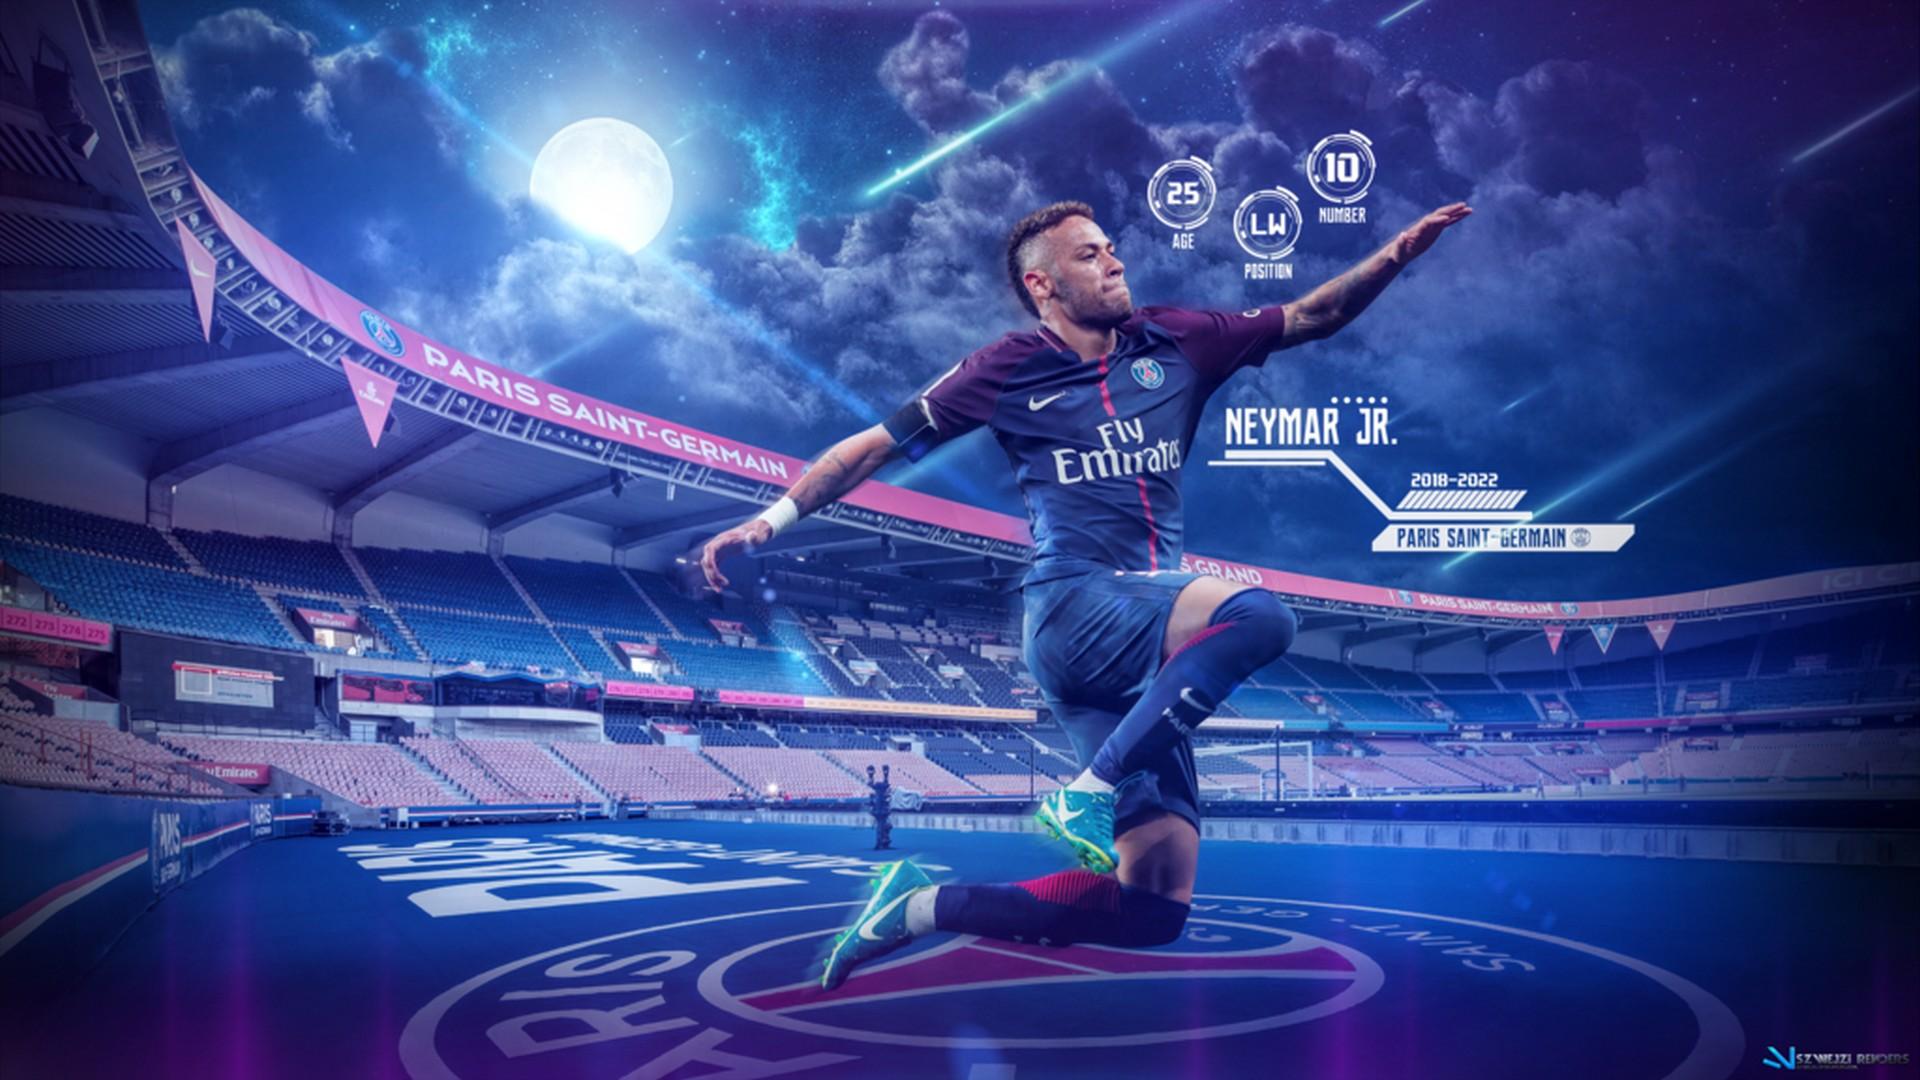 Neymar PSG HD Wallpaper 2018   Live Wallpaper HD 1920x1080